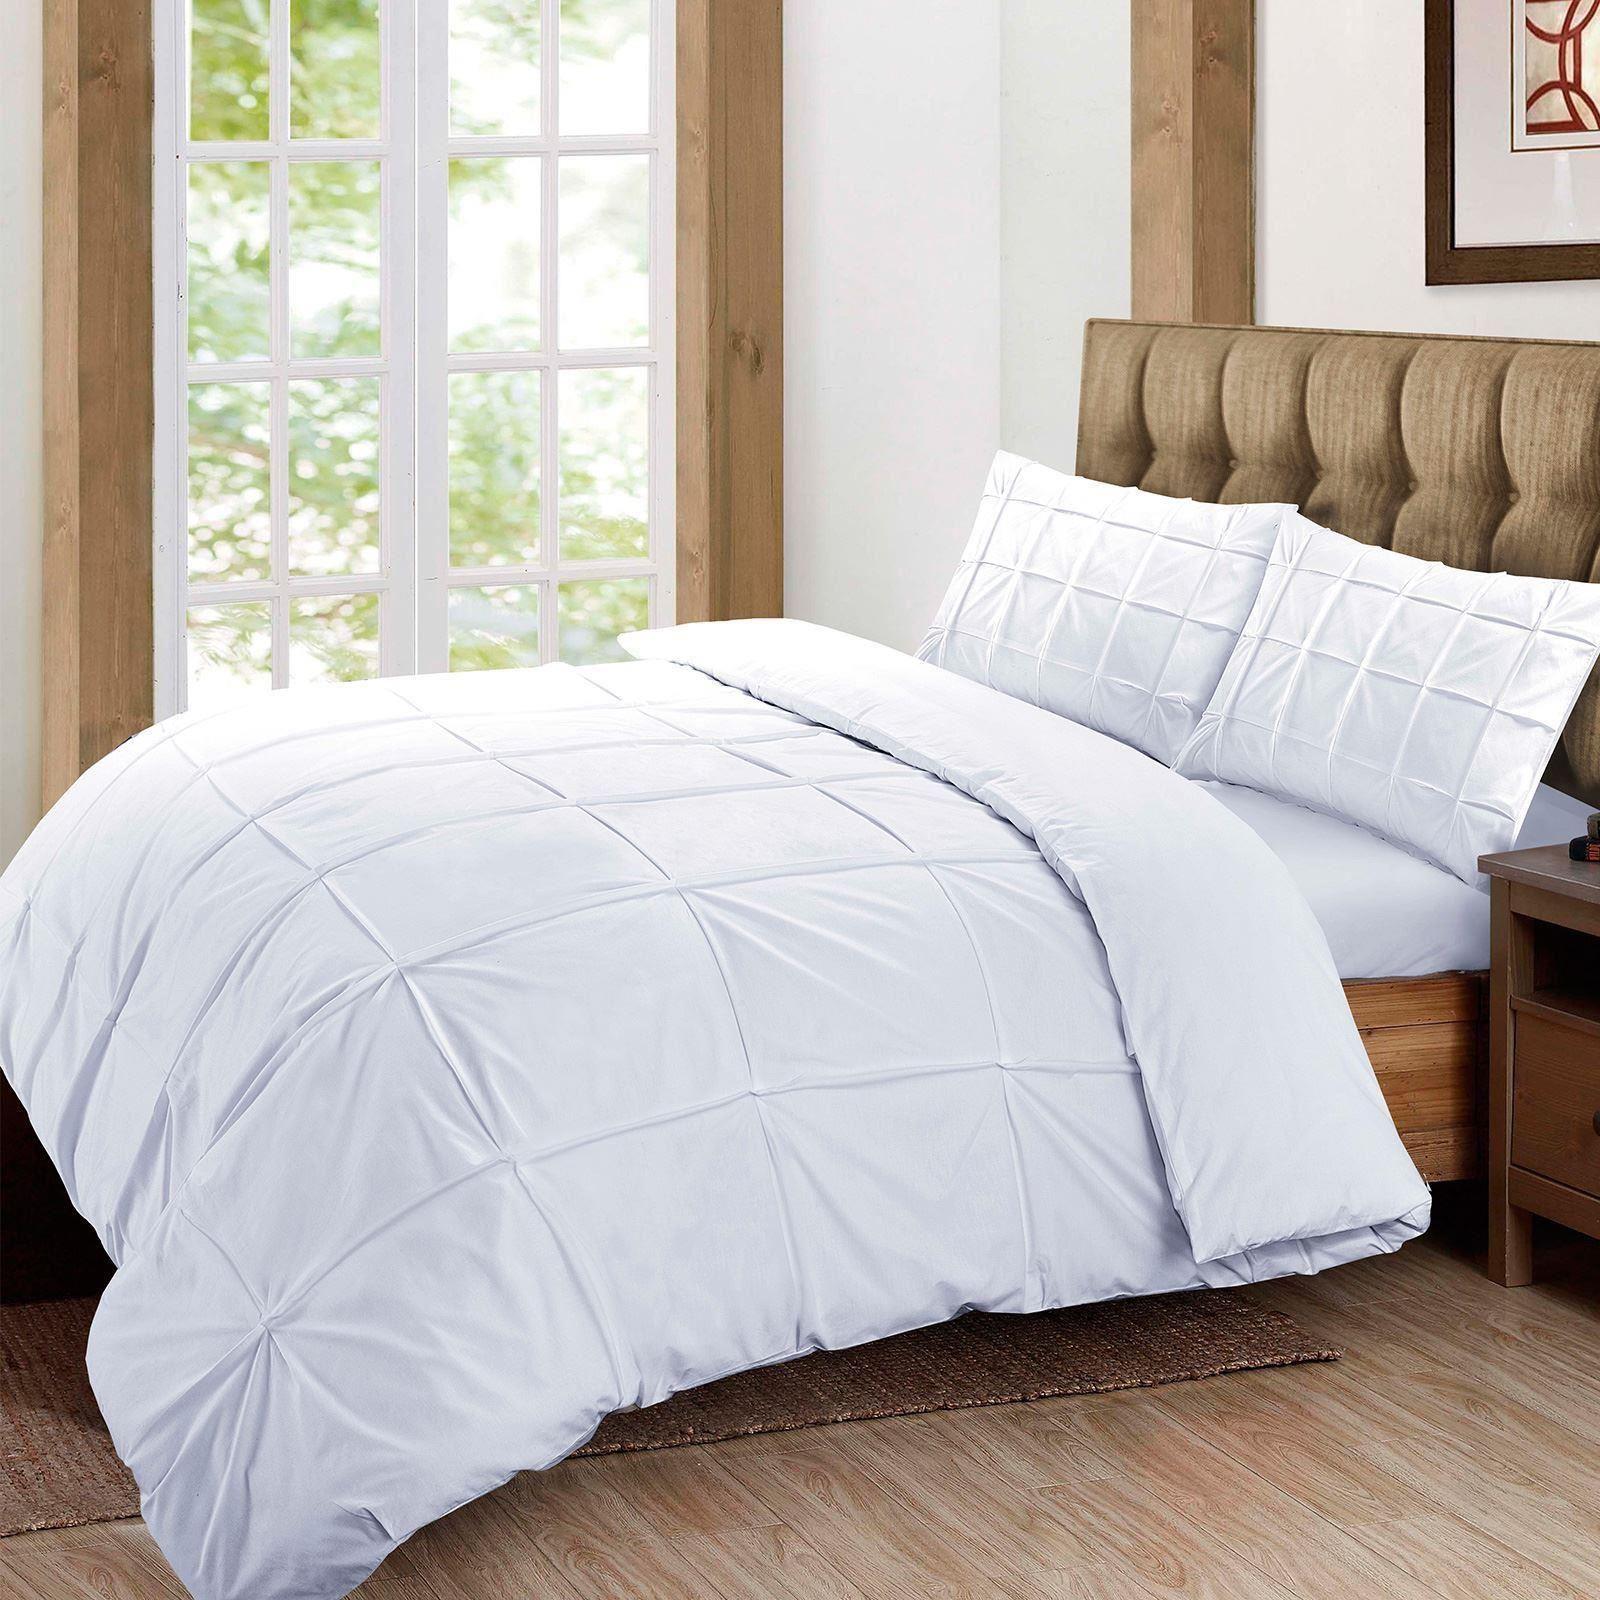 100-Coton-Egyptien-de-couette-couette-Set-Simple-Double-King-Size-Bed-sheets miniature 12